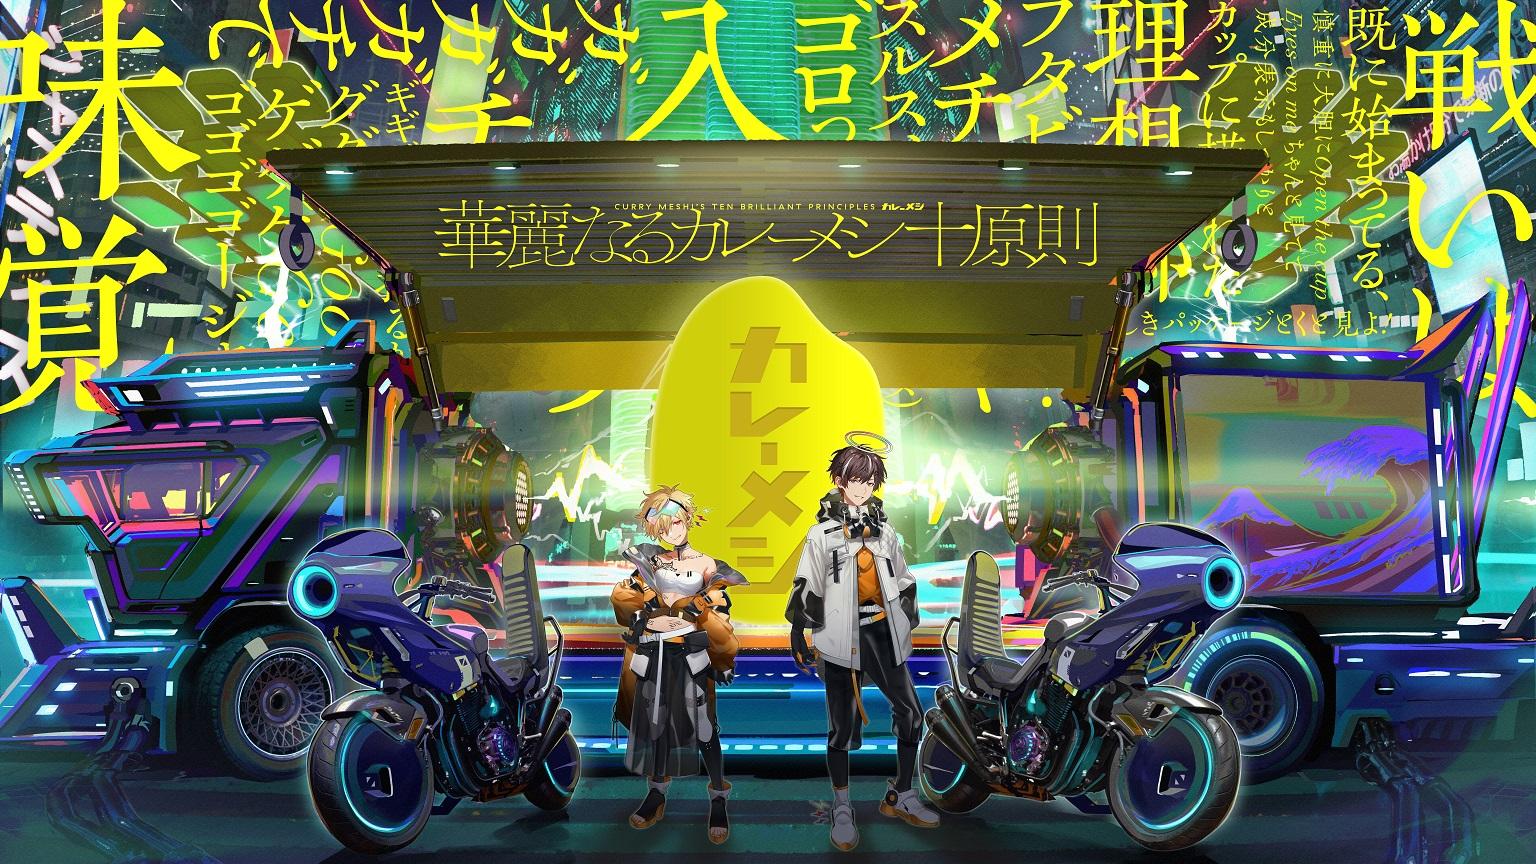 96猫さん&天月さん ×「日清カレーメシ」コラボ楽曲「華麗なるカレーメシ十原則」MV公開!最強のコラボソングが完成